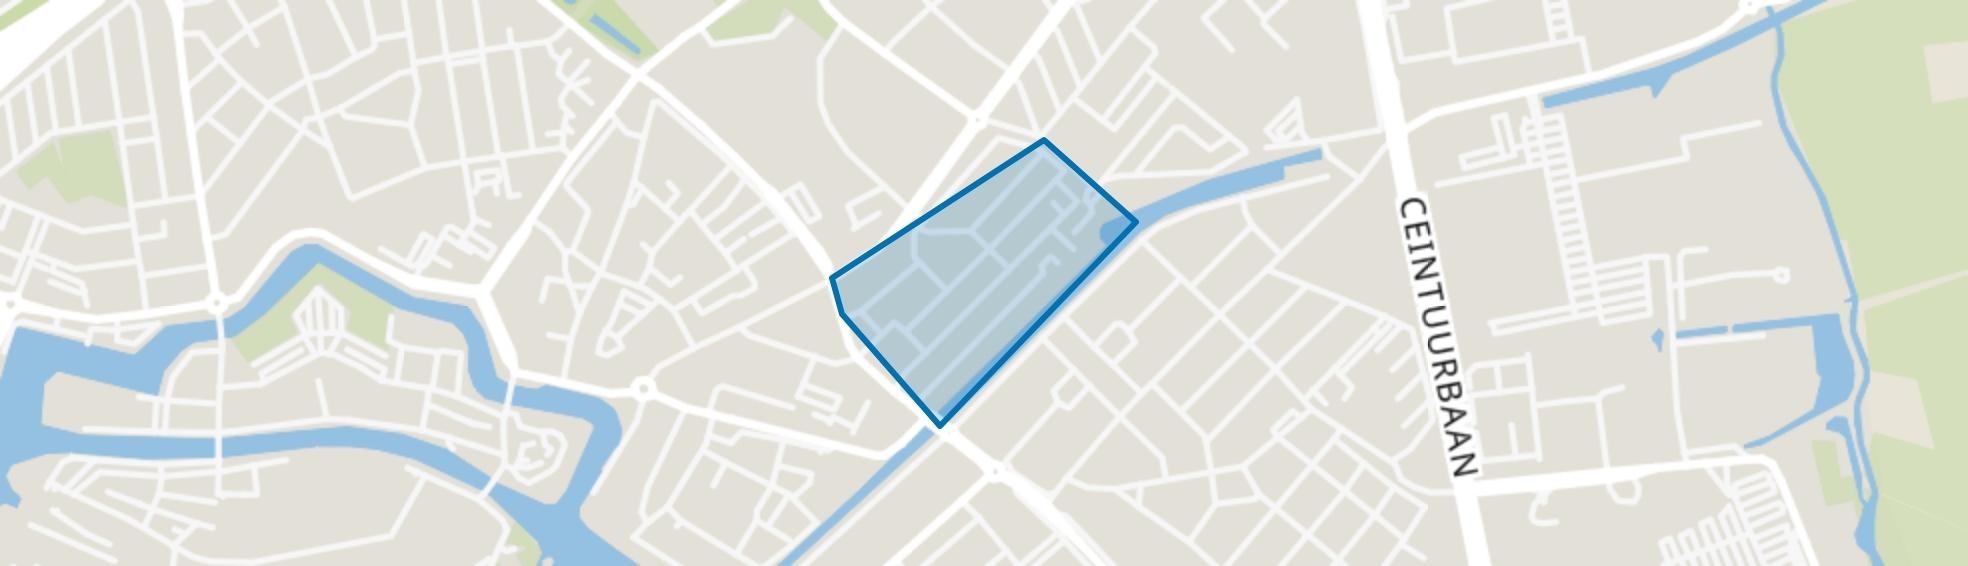 Indischebuurt, Zwolle map